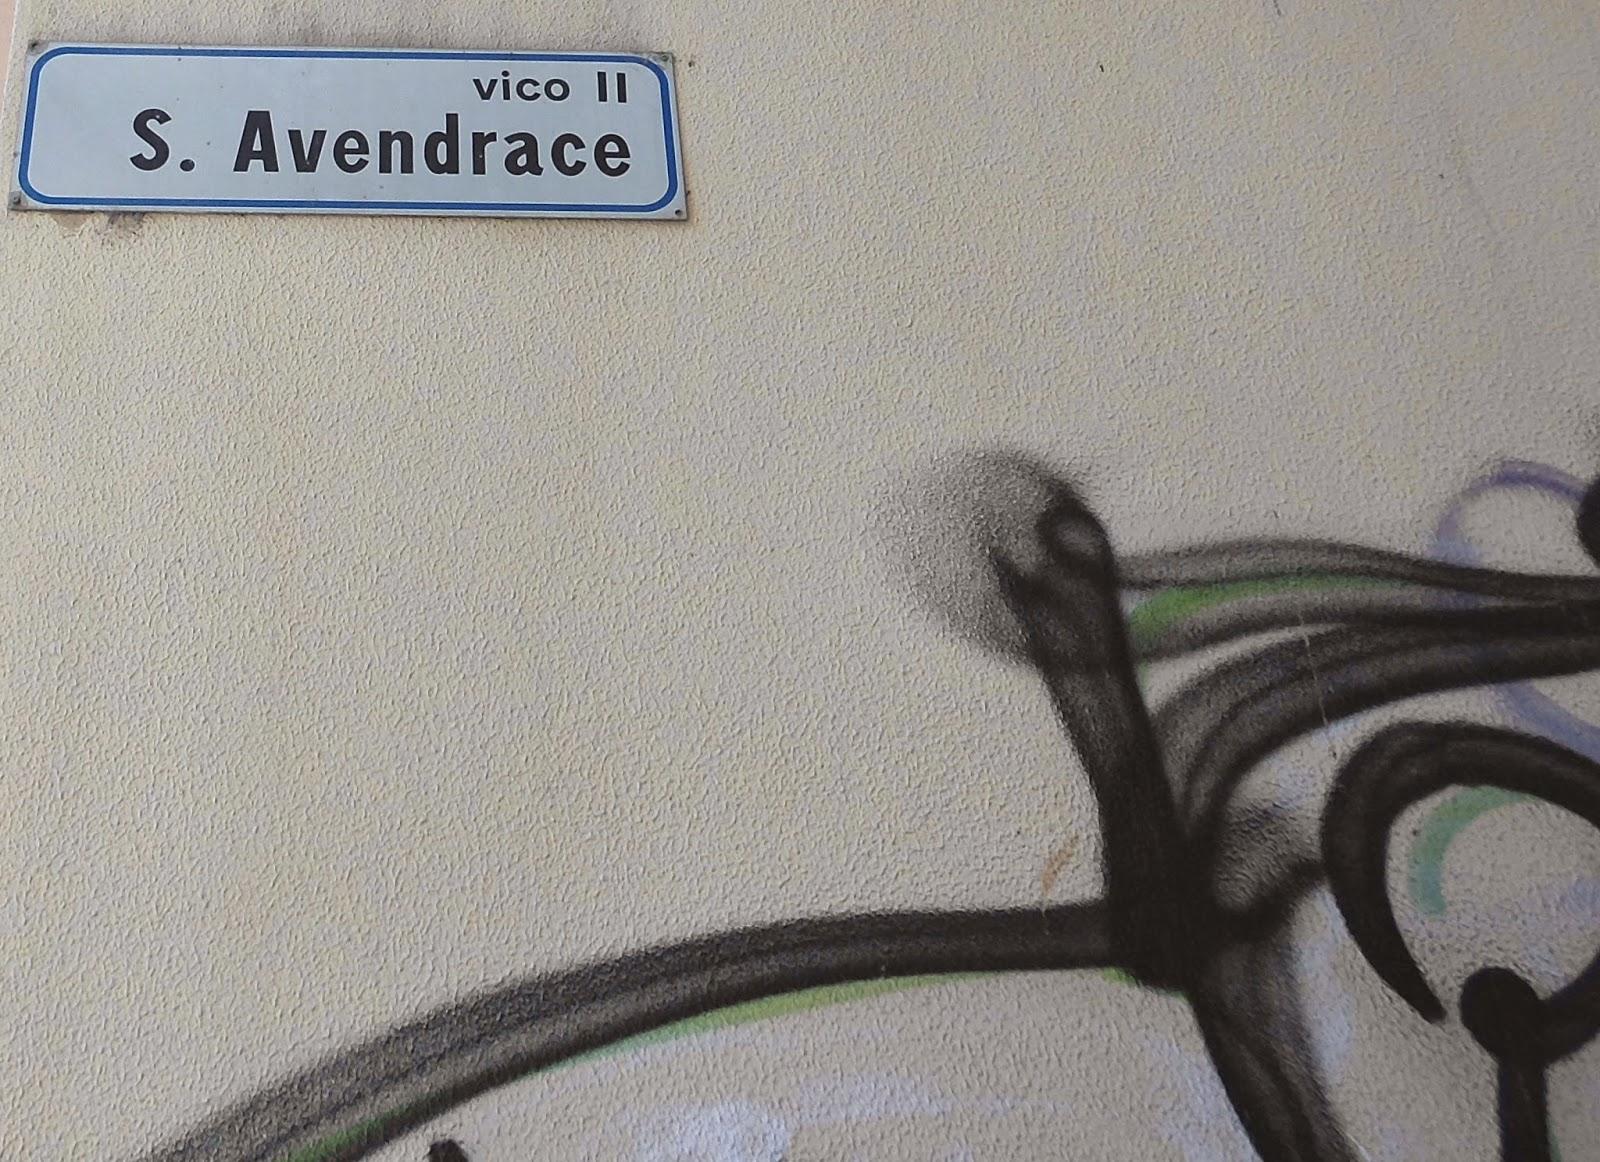 Vico II Sant'Avendrace, Cagliari